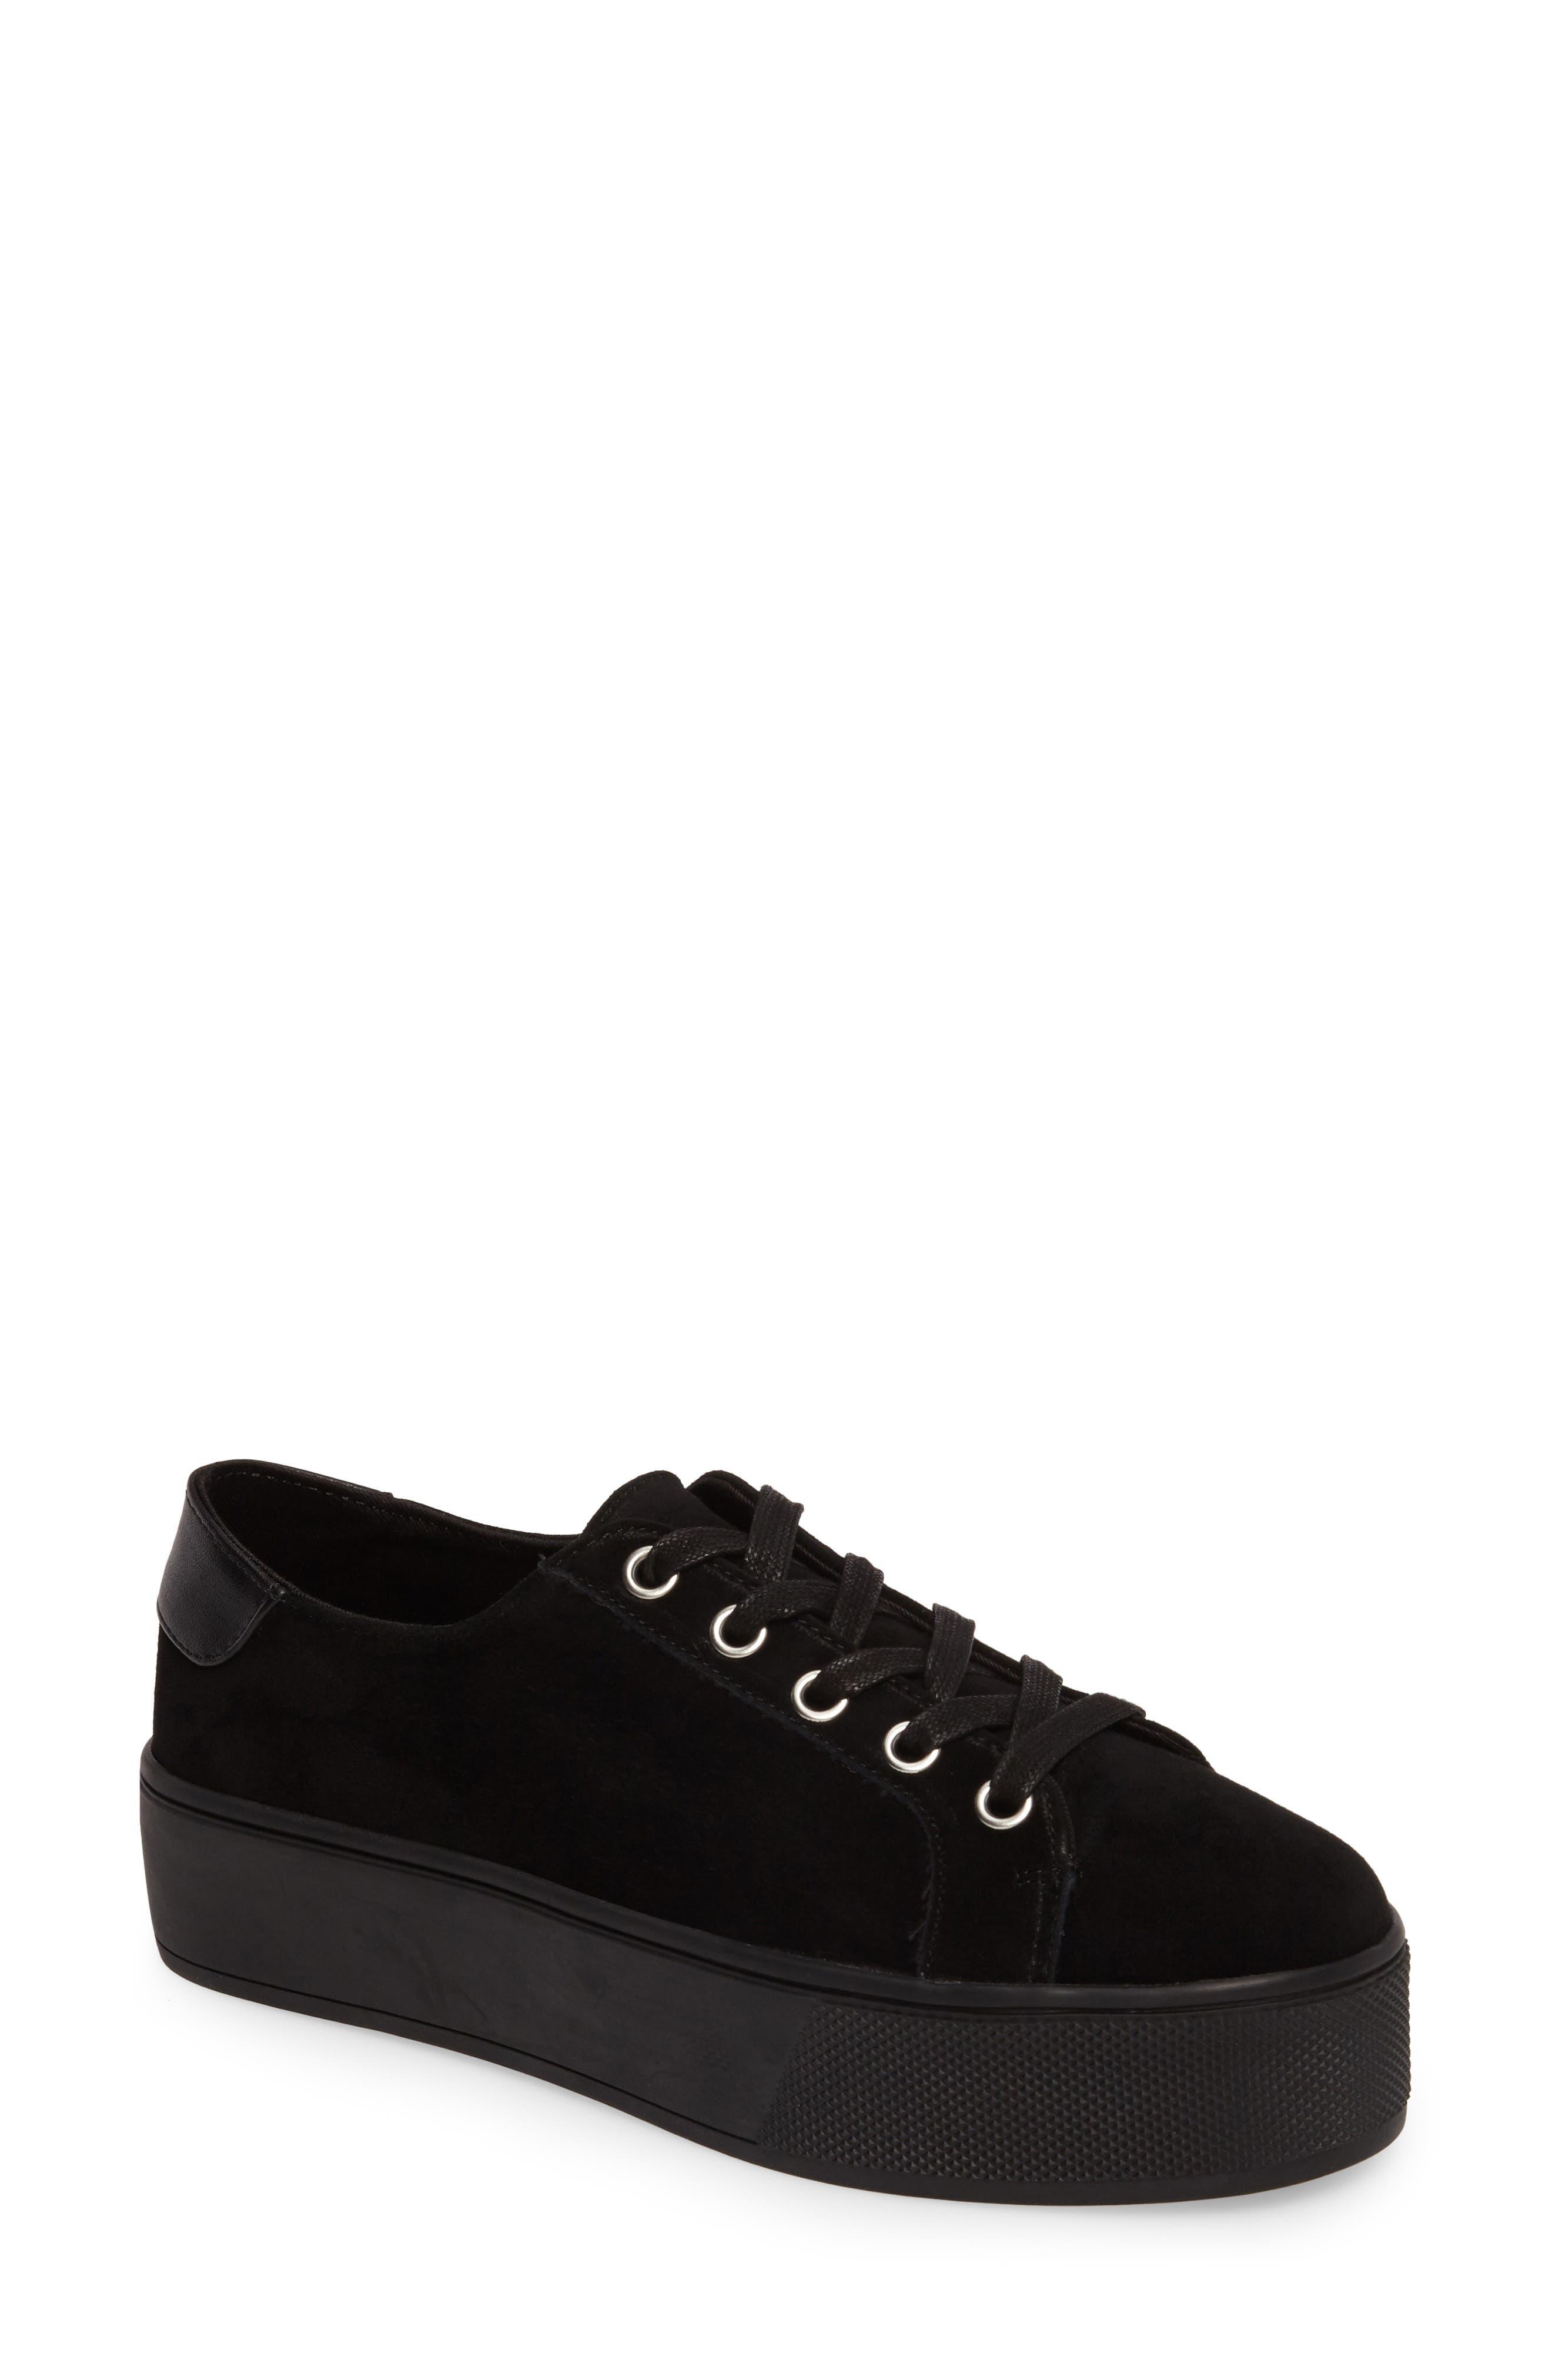 Felecia Platform Sneaker,                         Main,                         color, Black Suede